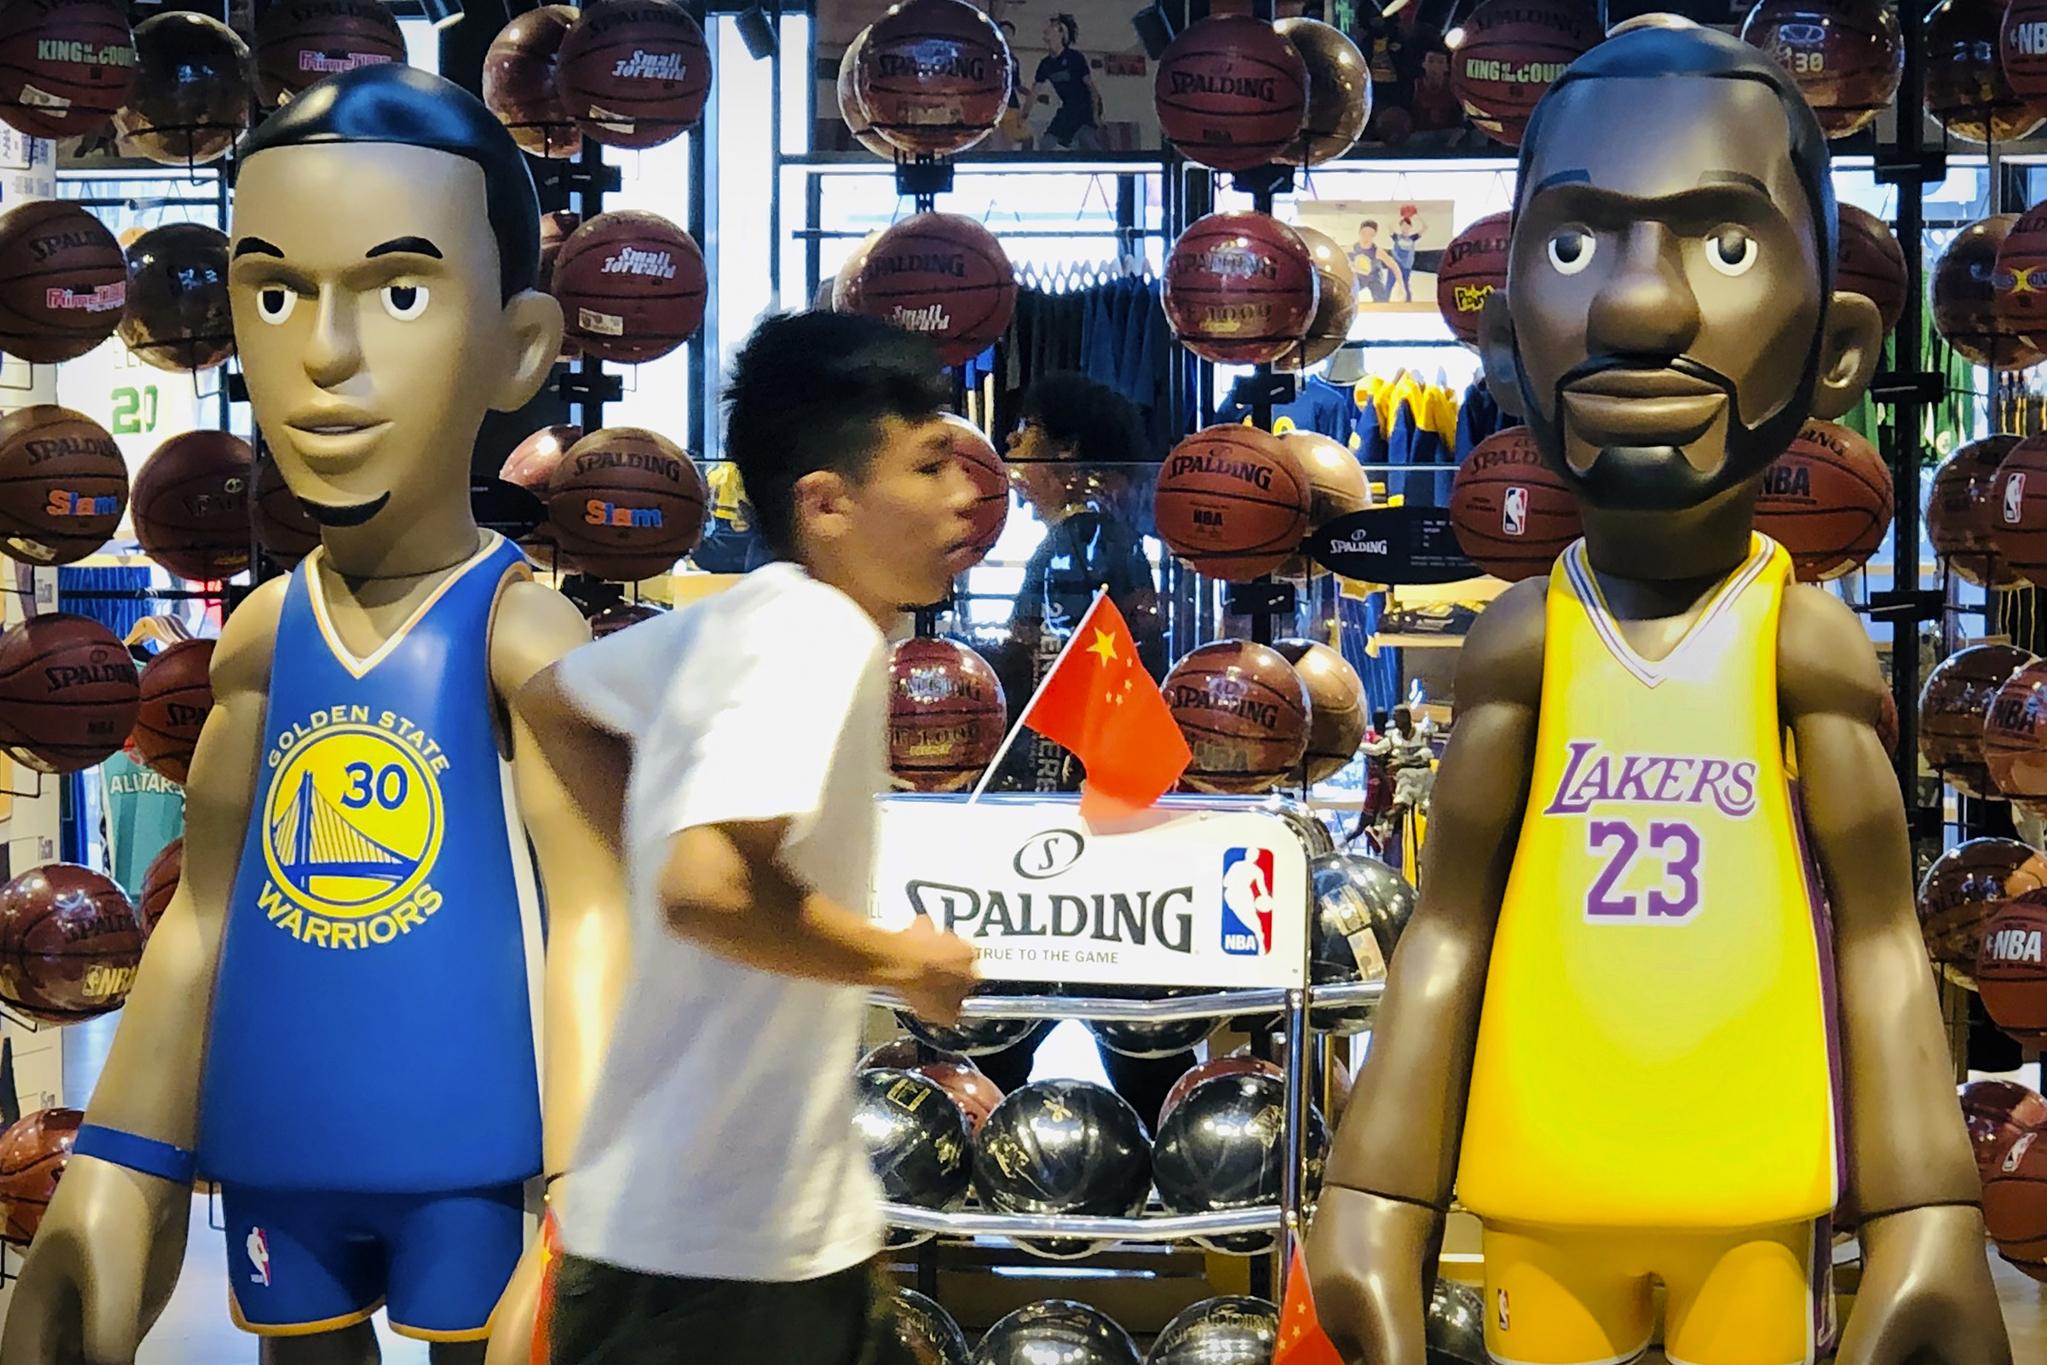 중국의 한 남성이 베이징에서 NBA 상품을 파는 가게를 지나가고 있다. 중국 CCTV는 8일 더 이상 NBA 픠시즌 경기를 중계하지 않는다고 밝혔다. [AP=연합뉴스]